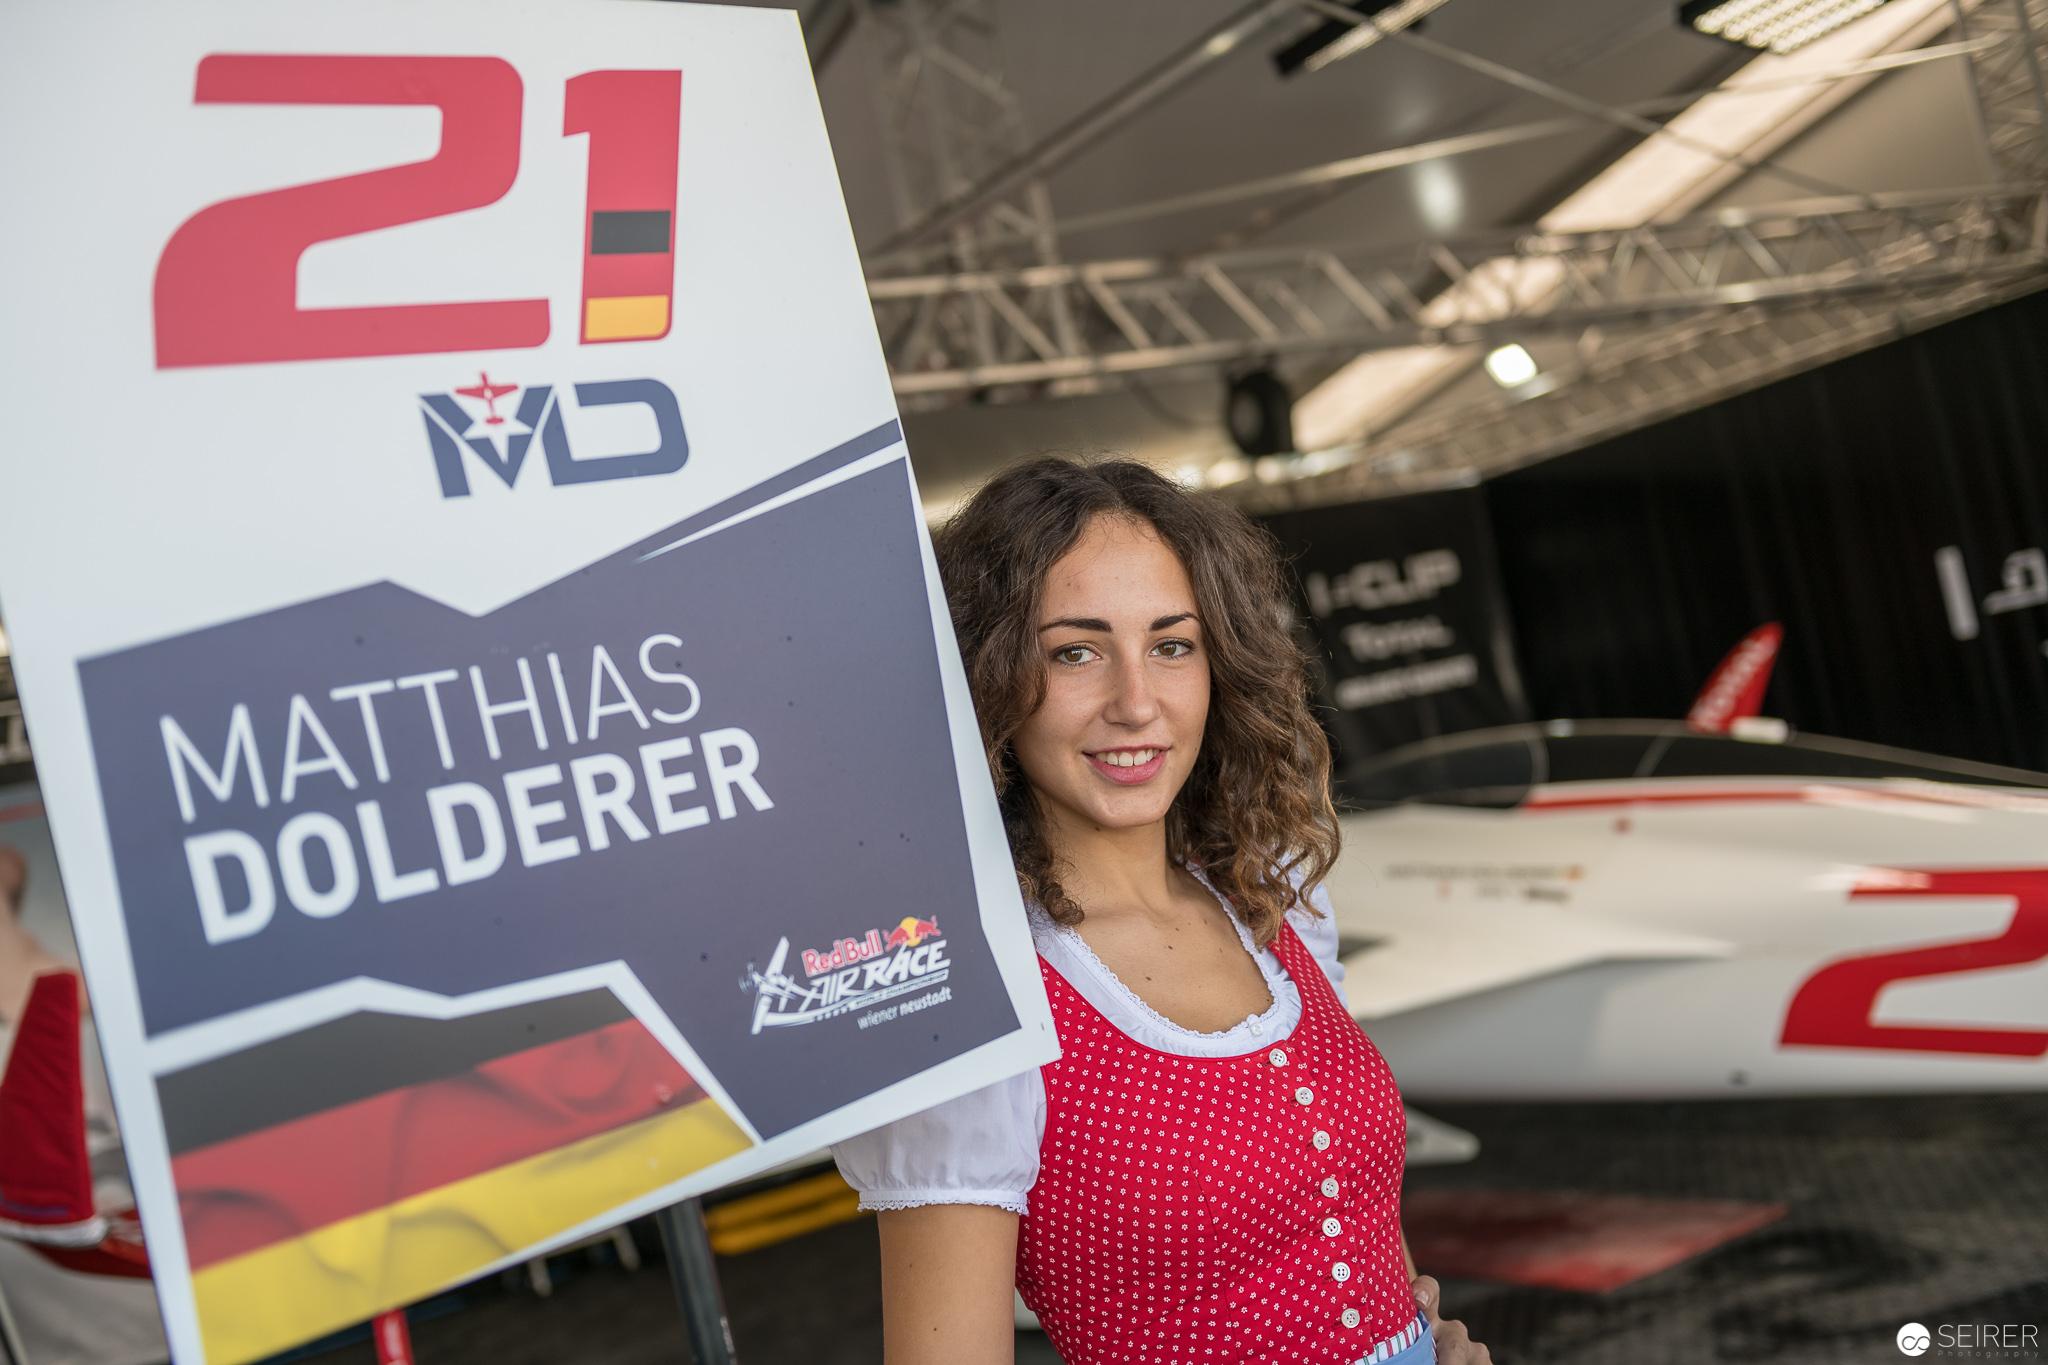 Matthias Dolderer, Red Bull Air Race 2018